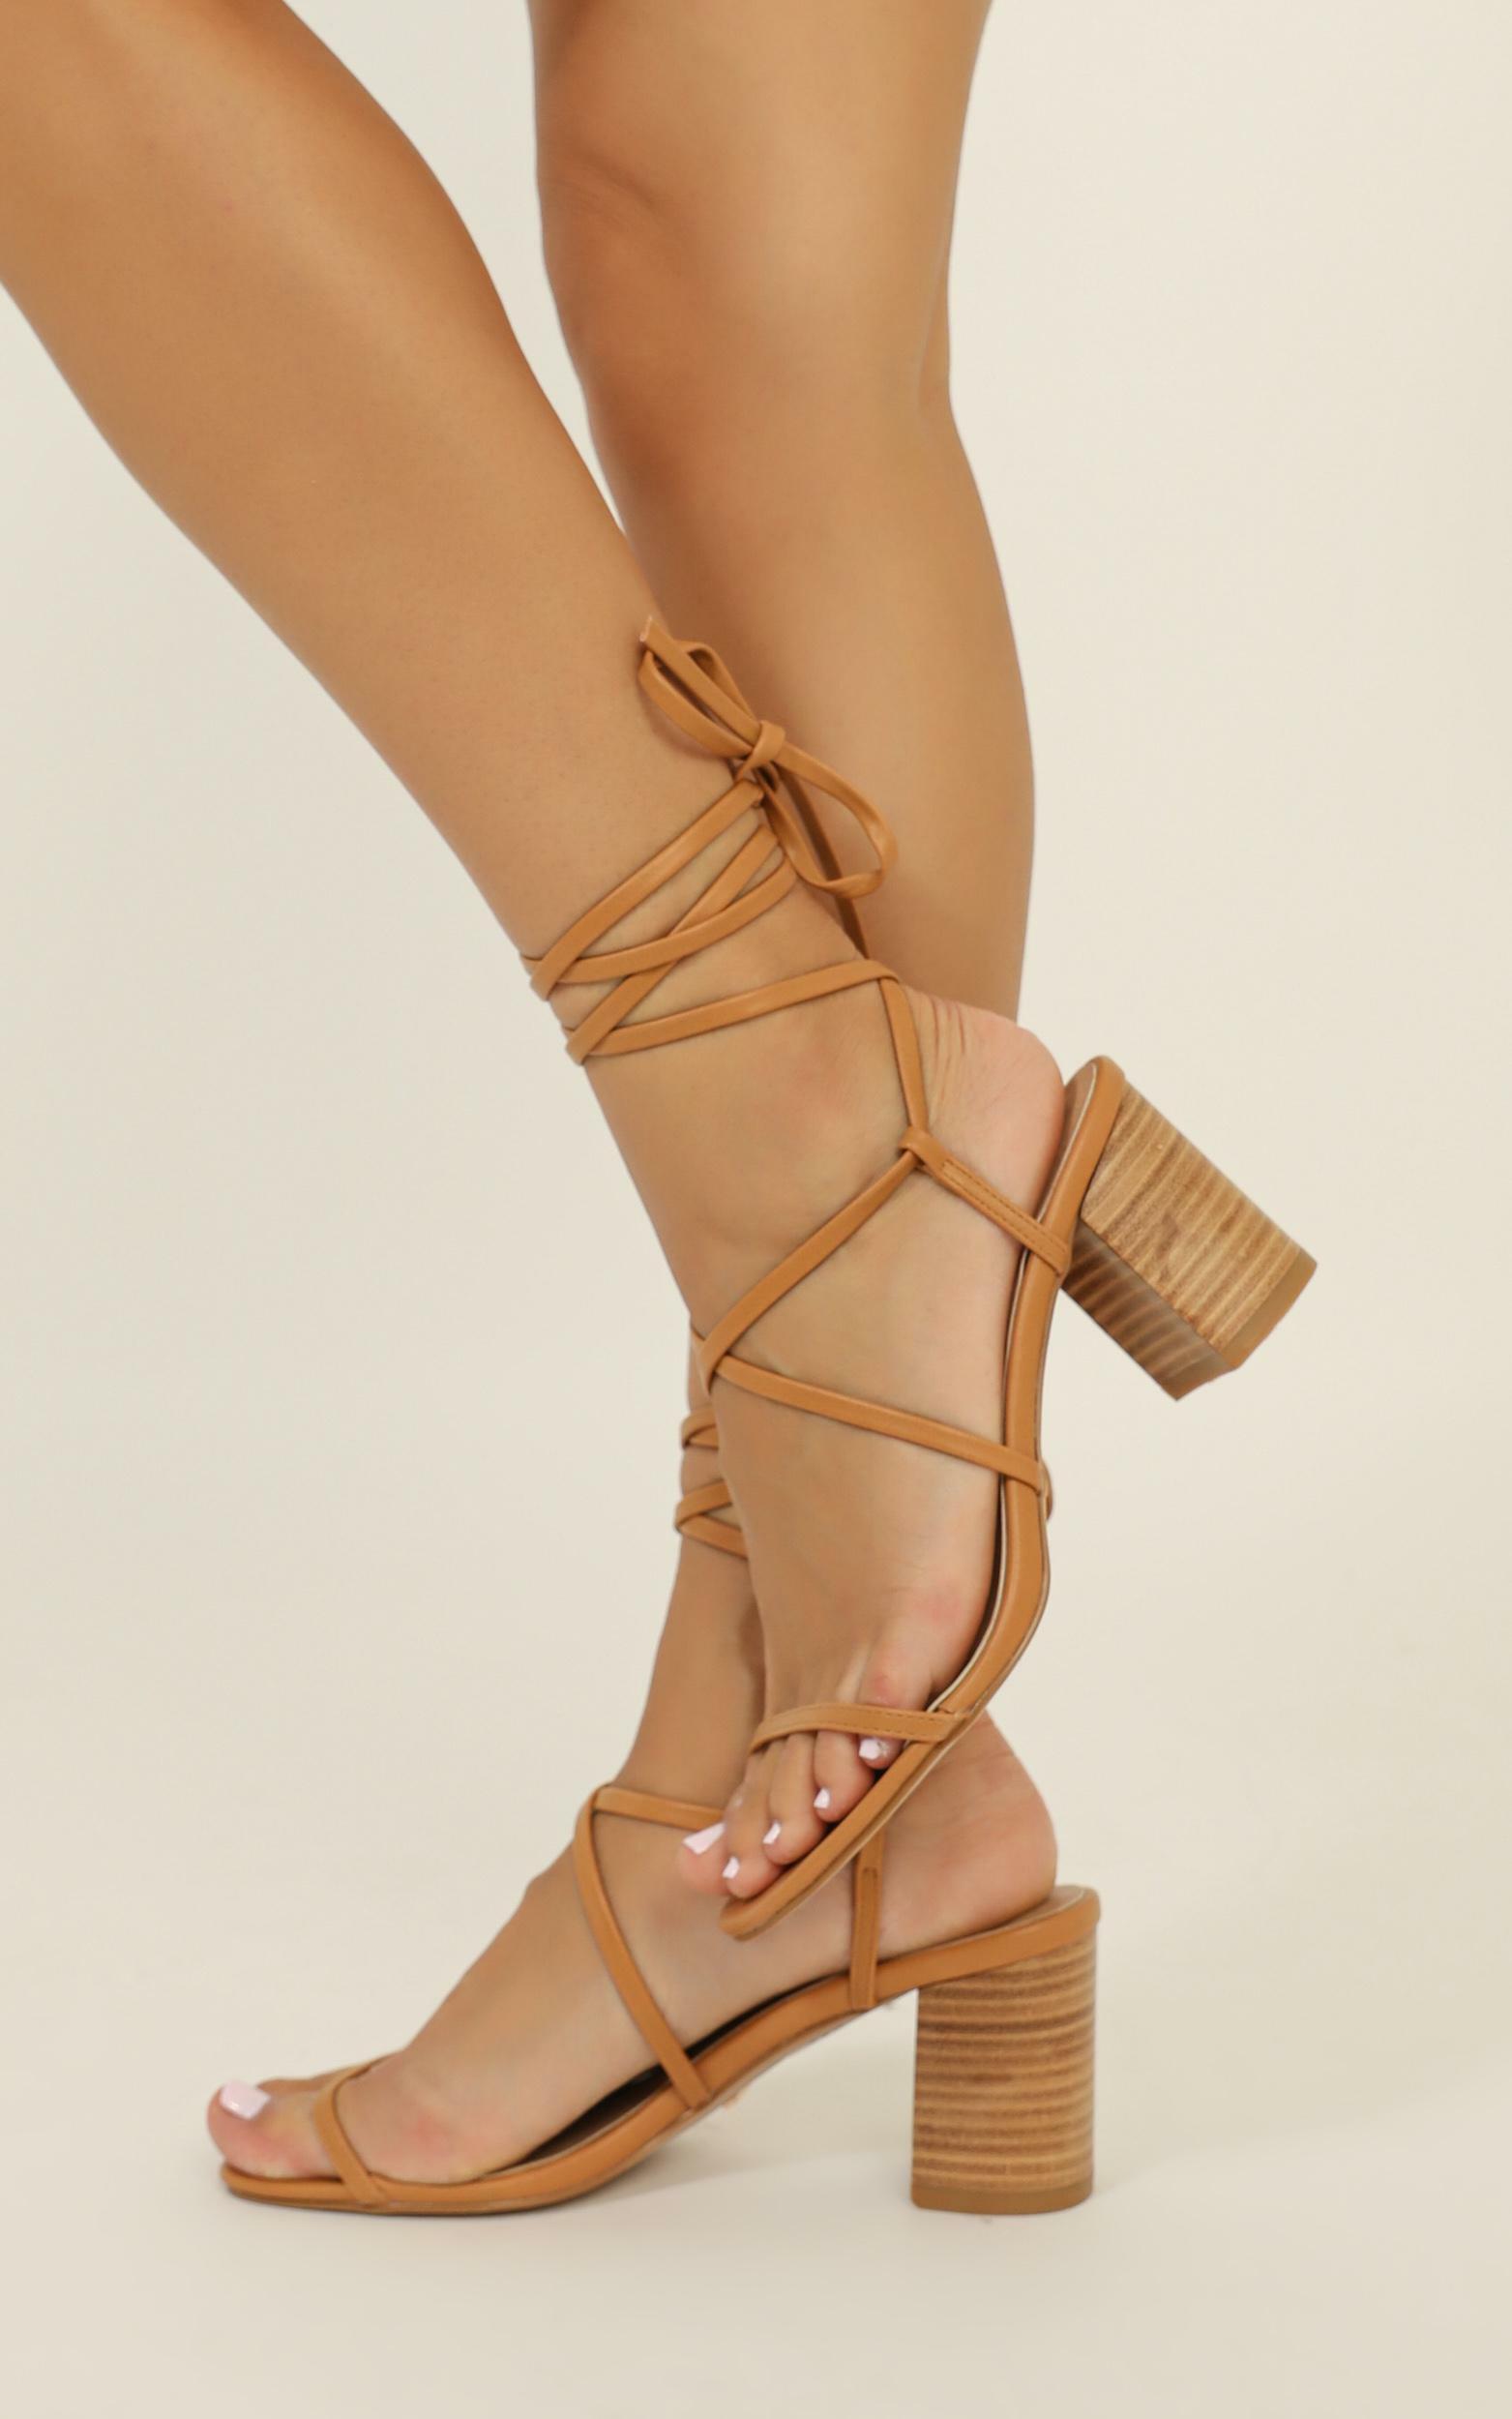 Billini - Yolanda heels in light tan - 10, Tan, hi-res image number null